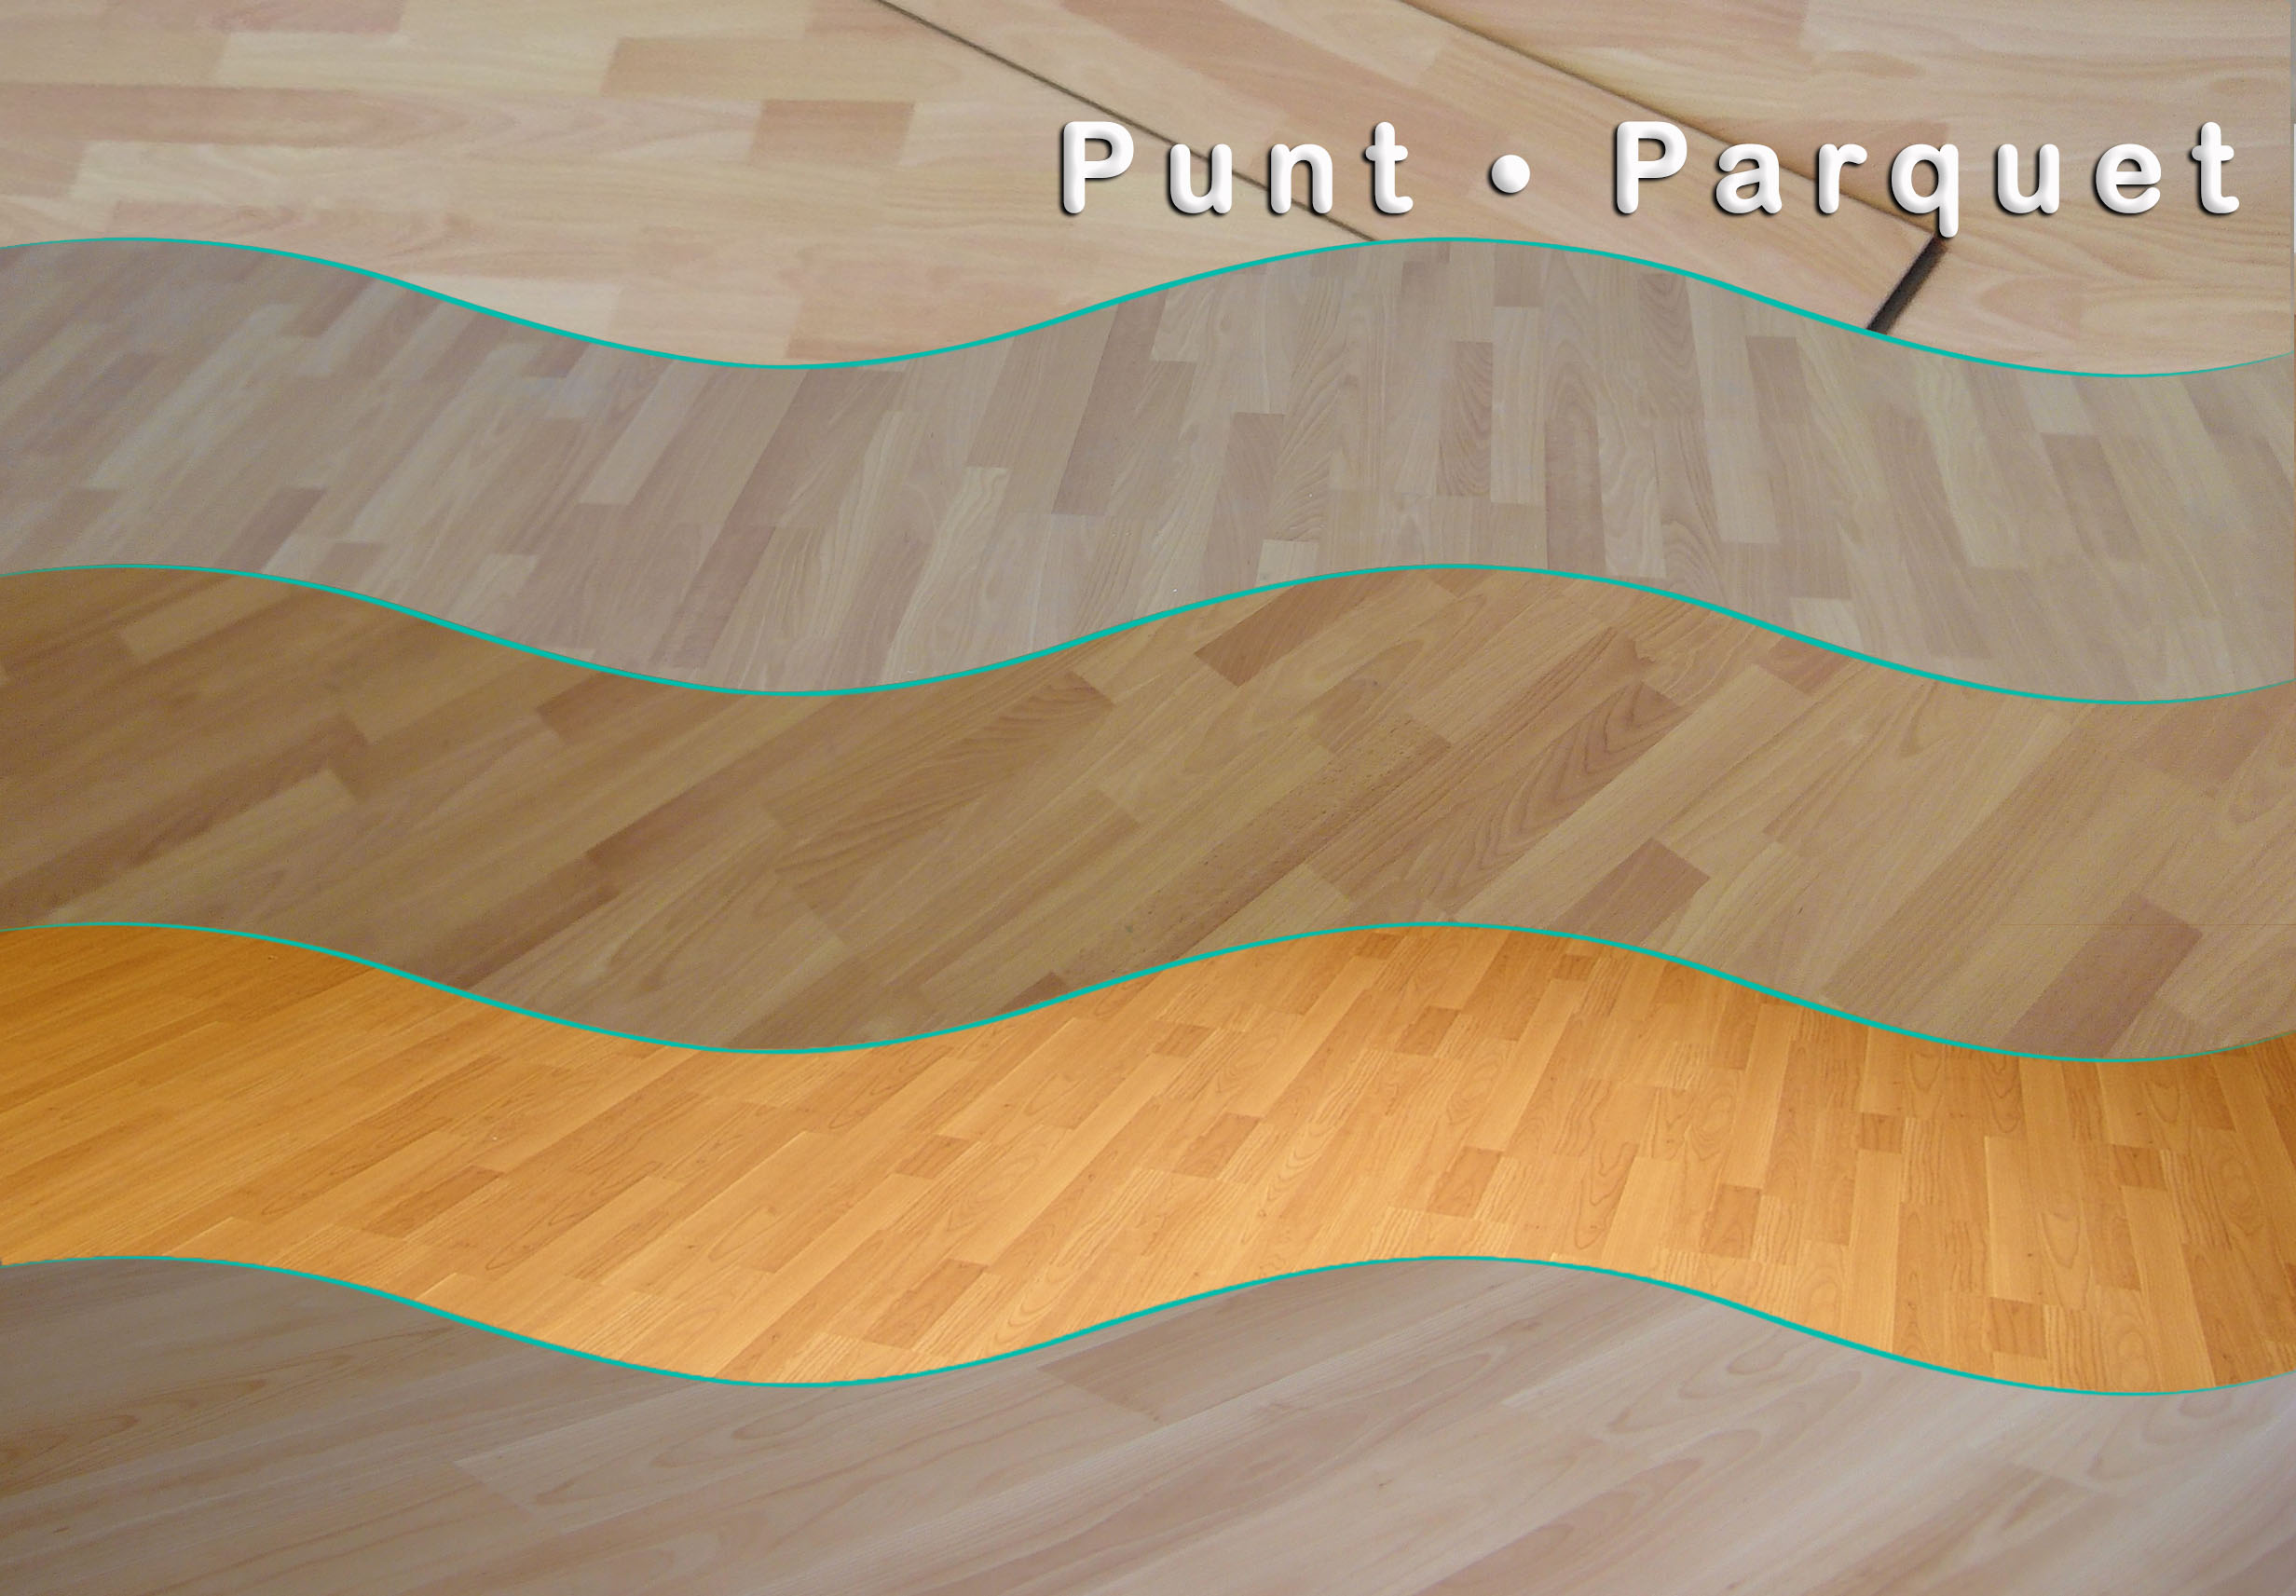 punt-suelo-de-parquet-en-barcelona-parquet-barcelona-suelo-parquet-en-barcelona-para-oficinas-suelo-parquet-en-barcelona-para-naves-suelo-parquet-en-barcelona-para-despachos